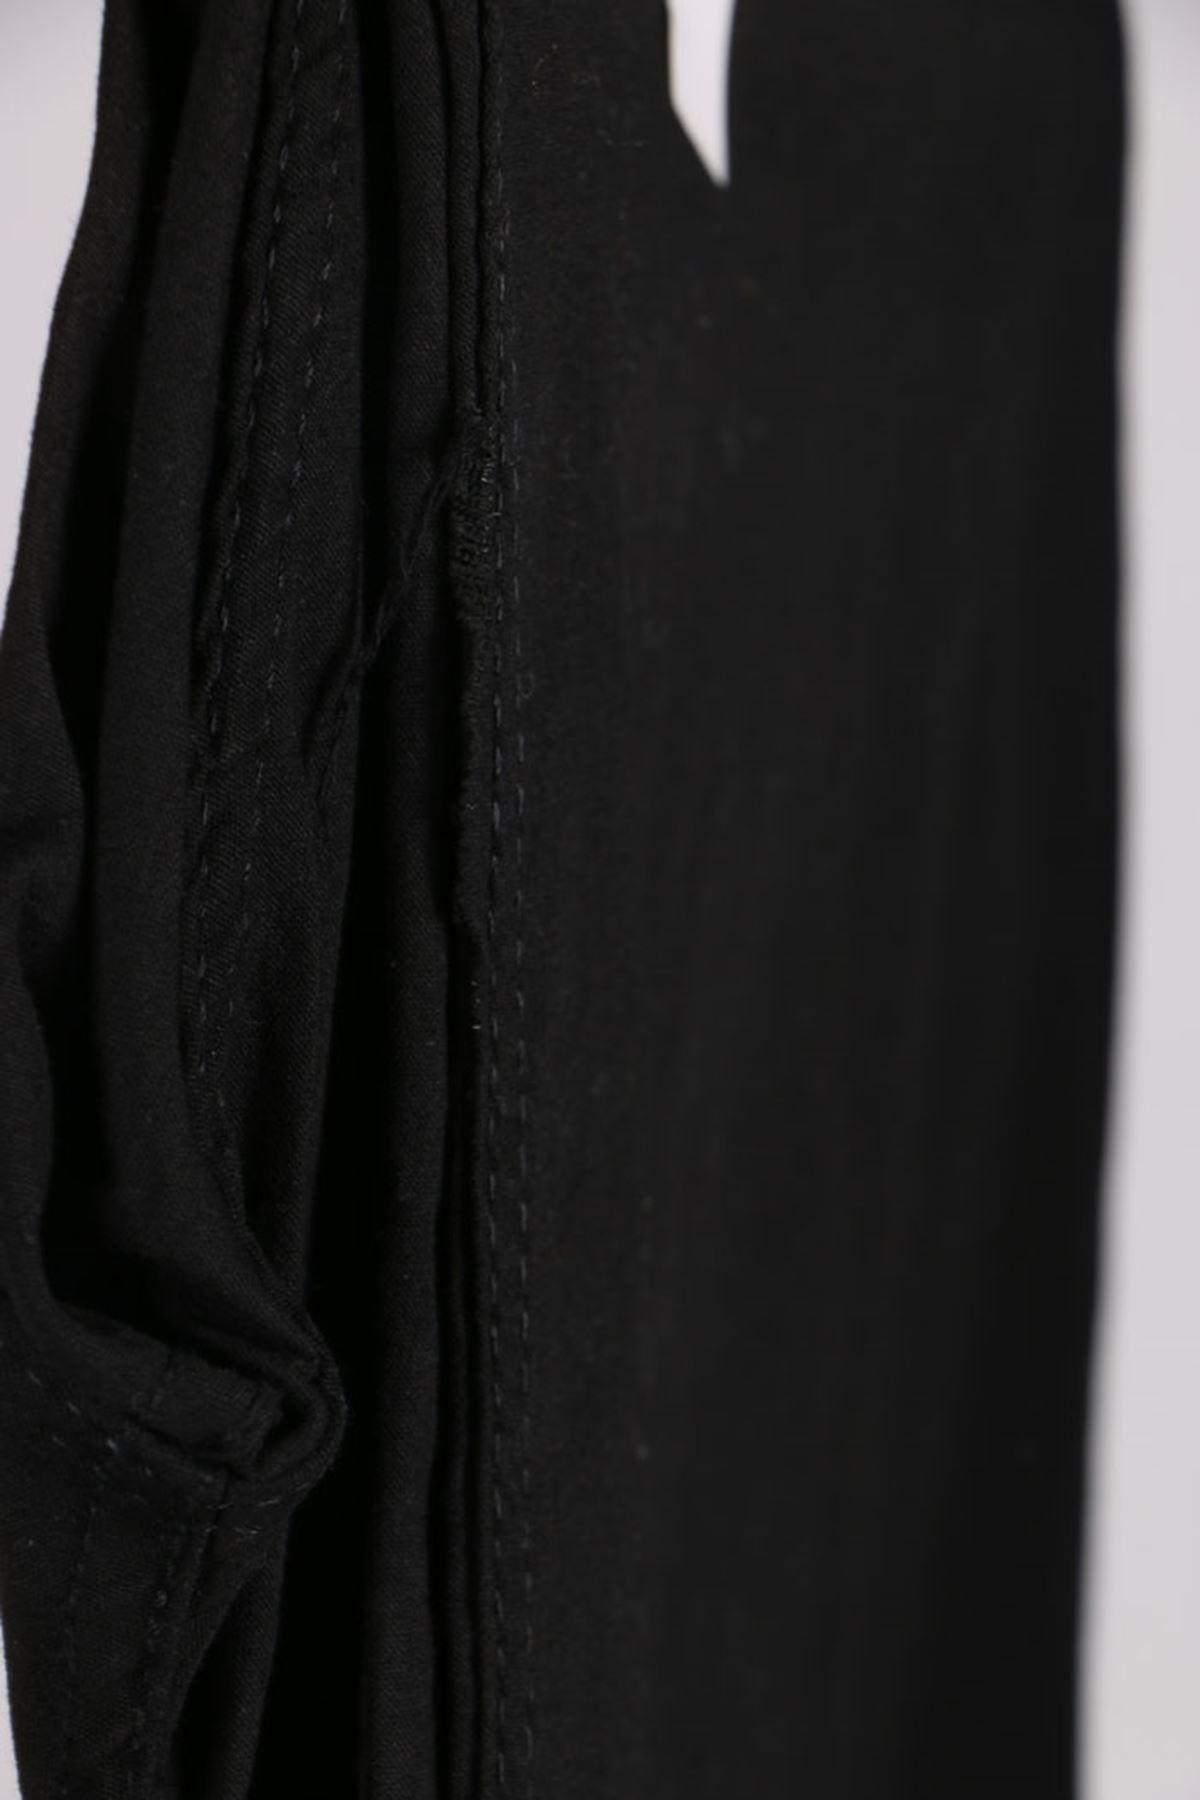 D-21115-4 Büyük Beden Defolu Likralı İspanyol Paça Gabardin Pantalon-Siyah